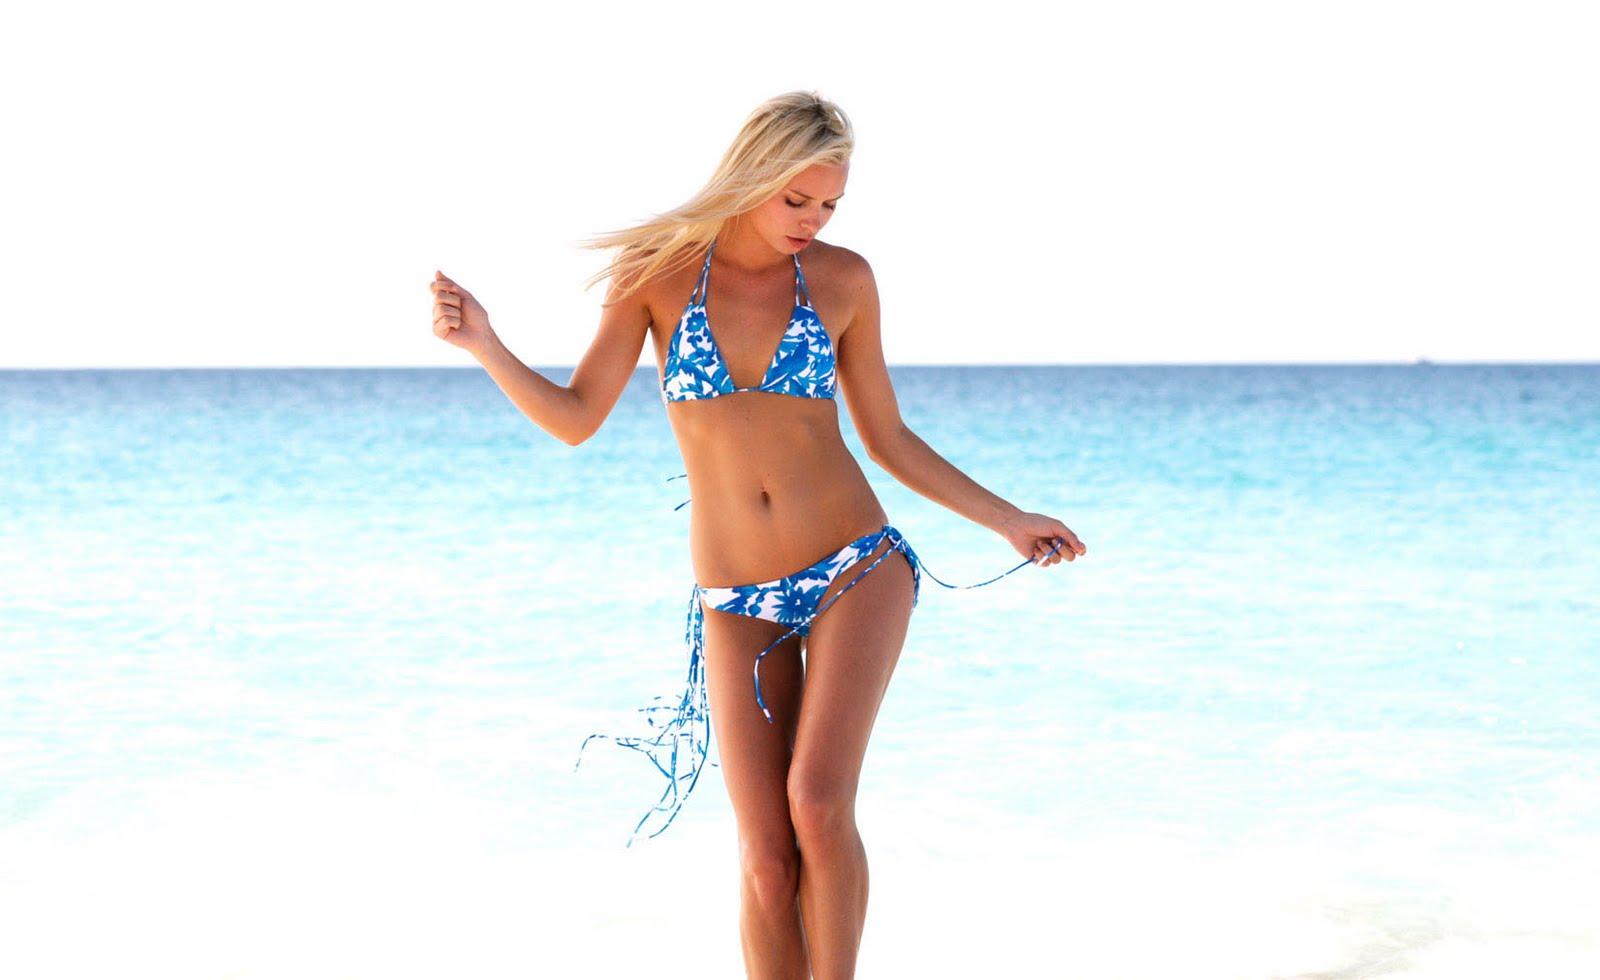 http://2.bp.blogspot.com/-02JdAm8WXOk/TaUJcvROeCI/AAAAAAAAARA/A3rr18M8Pt4/s1600/st-lucia-moorea-kelp-bahama.jpg